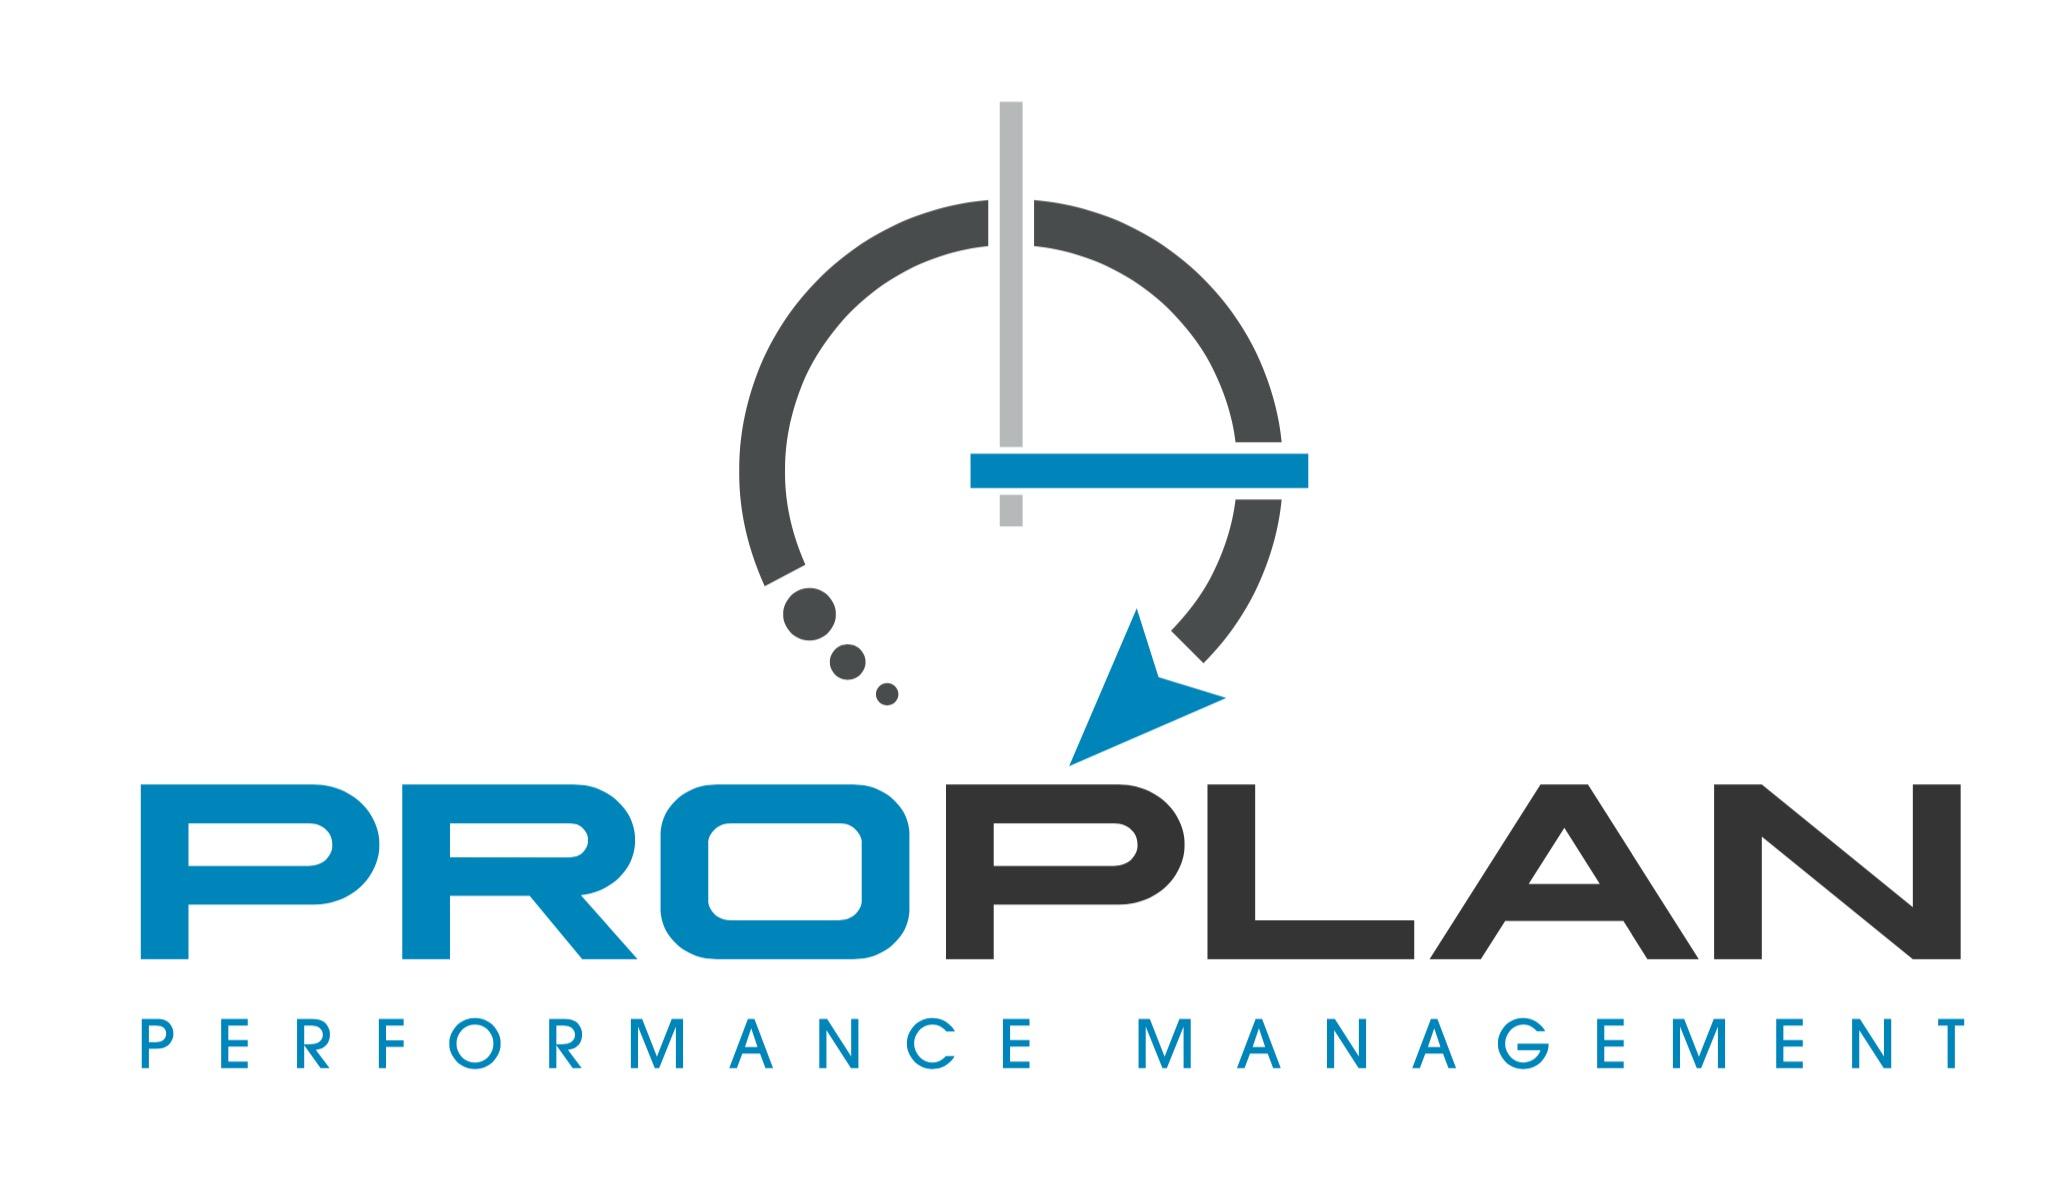 Proplan Caloundra Logo Design